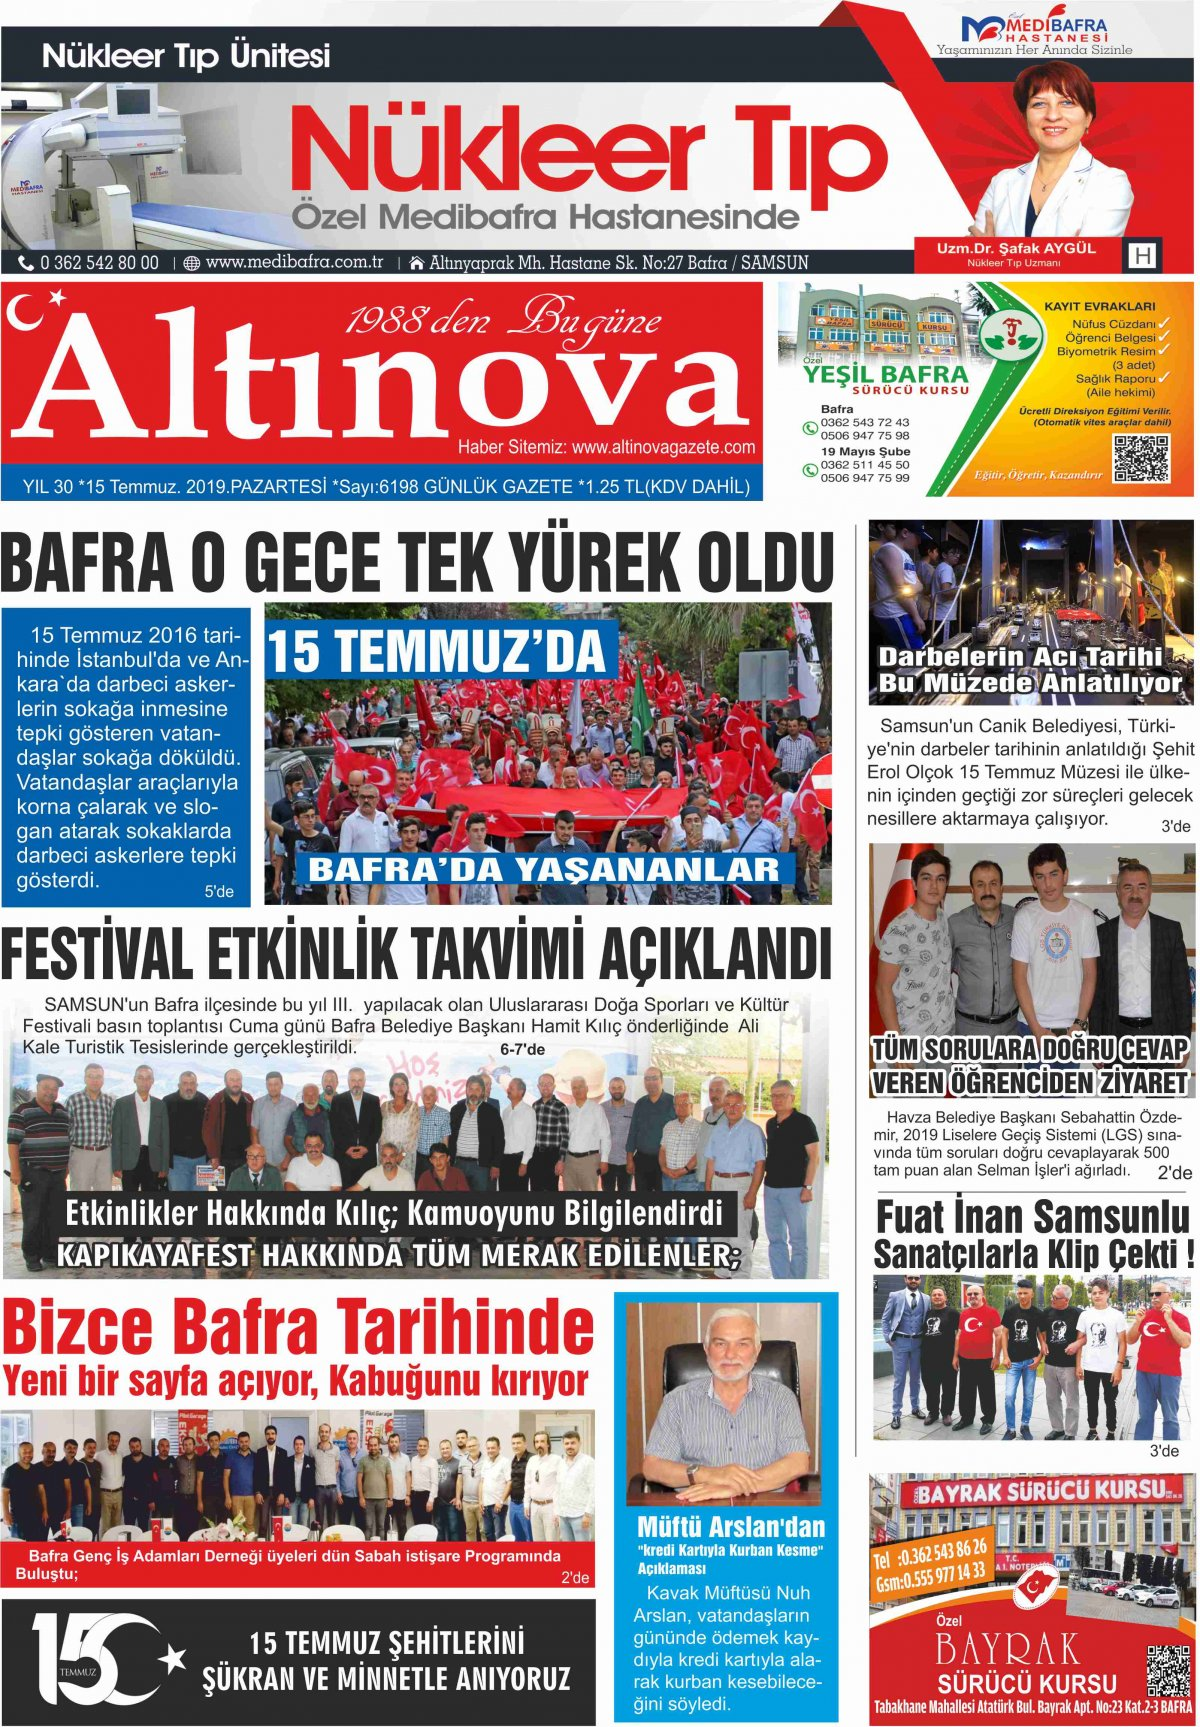 Samsun Bafra Haberleri | Samsun Haberleri - Haber, Haberler - 15.07.2019 Manşeti